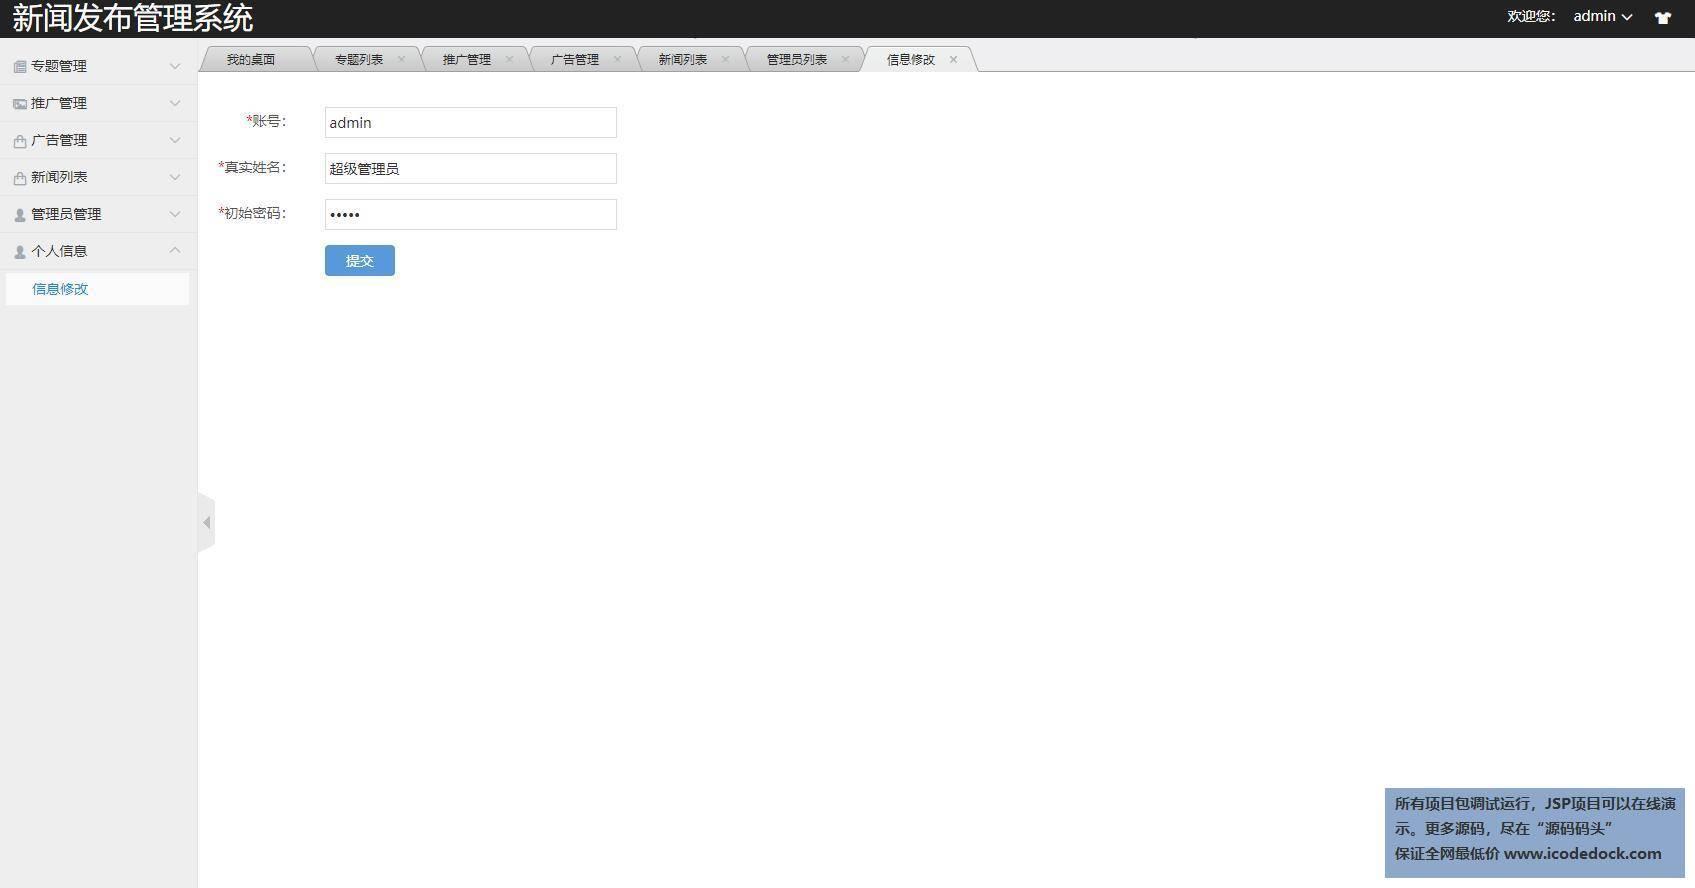 源码码头-SSH新闻资讯网站管理系统-管理员角色-信息修改